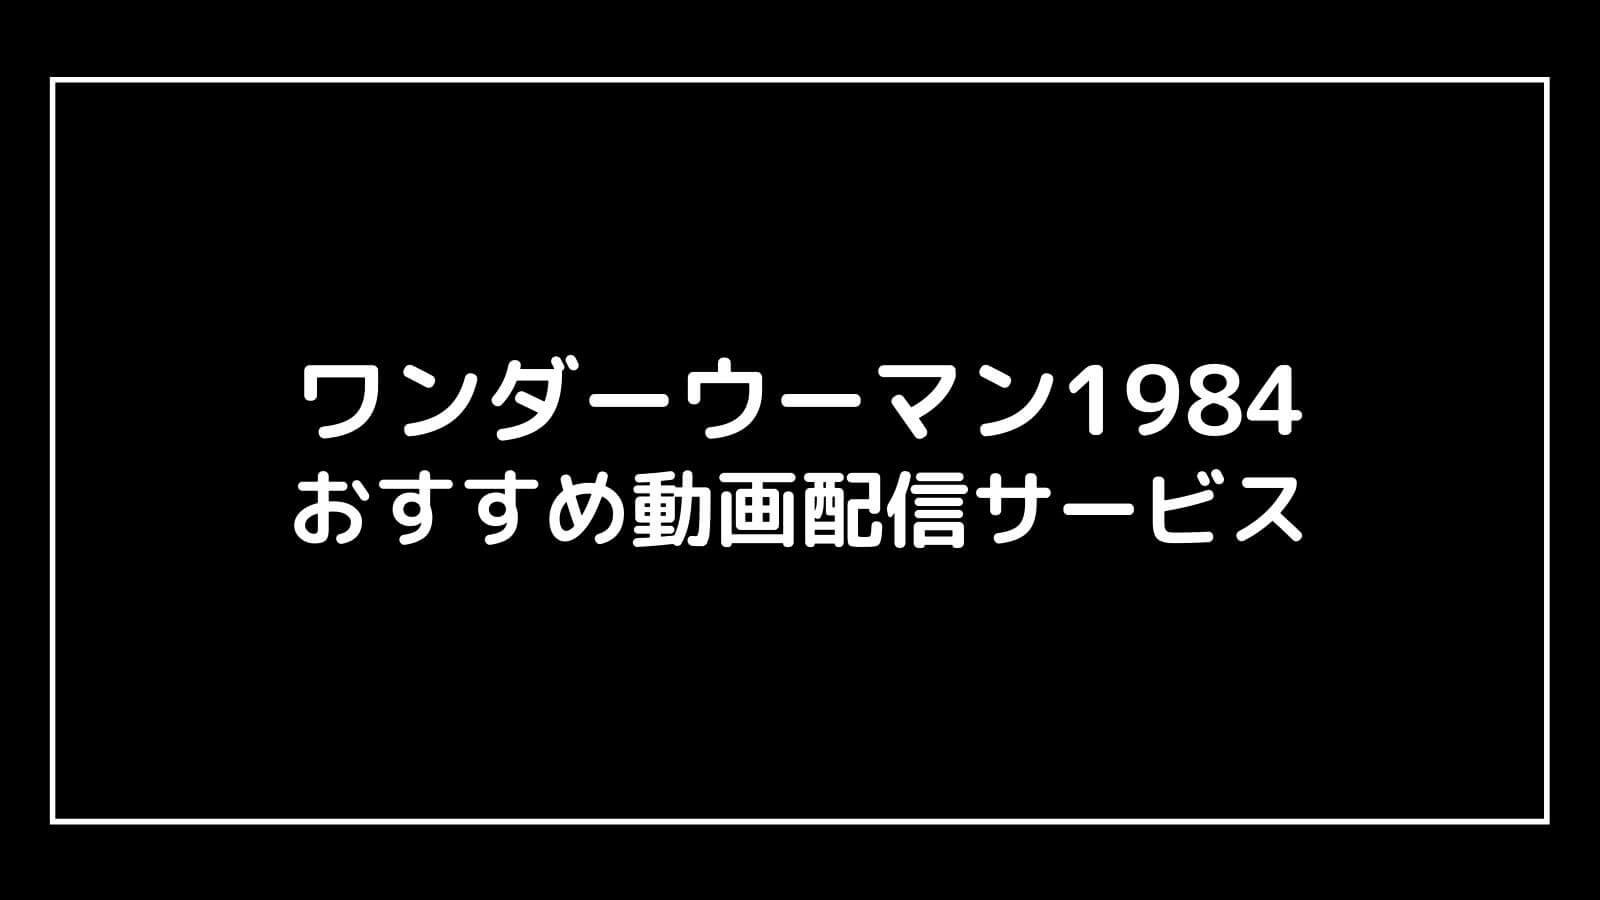 『ワンダーウーマン1984』の無料映画を視聴できるおすすめ動画配信サービスは?